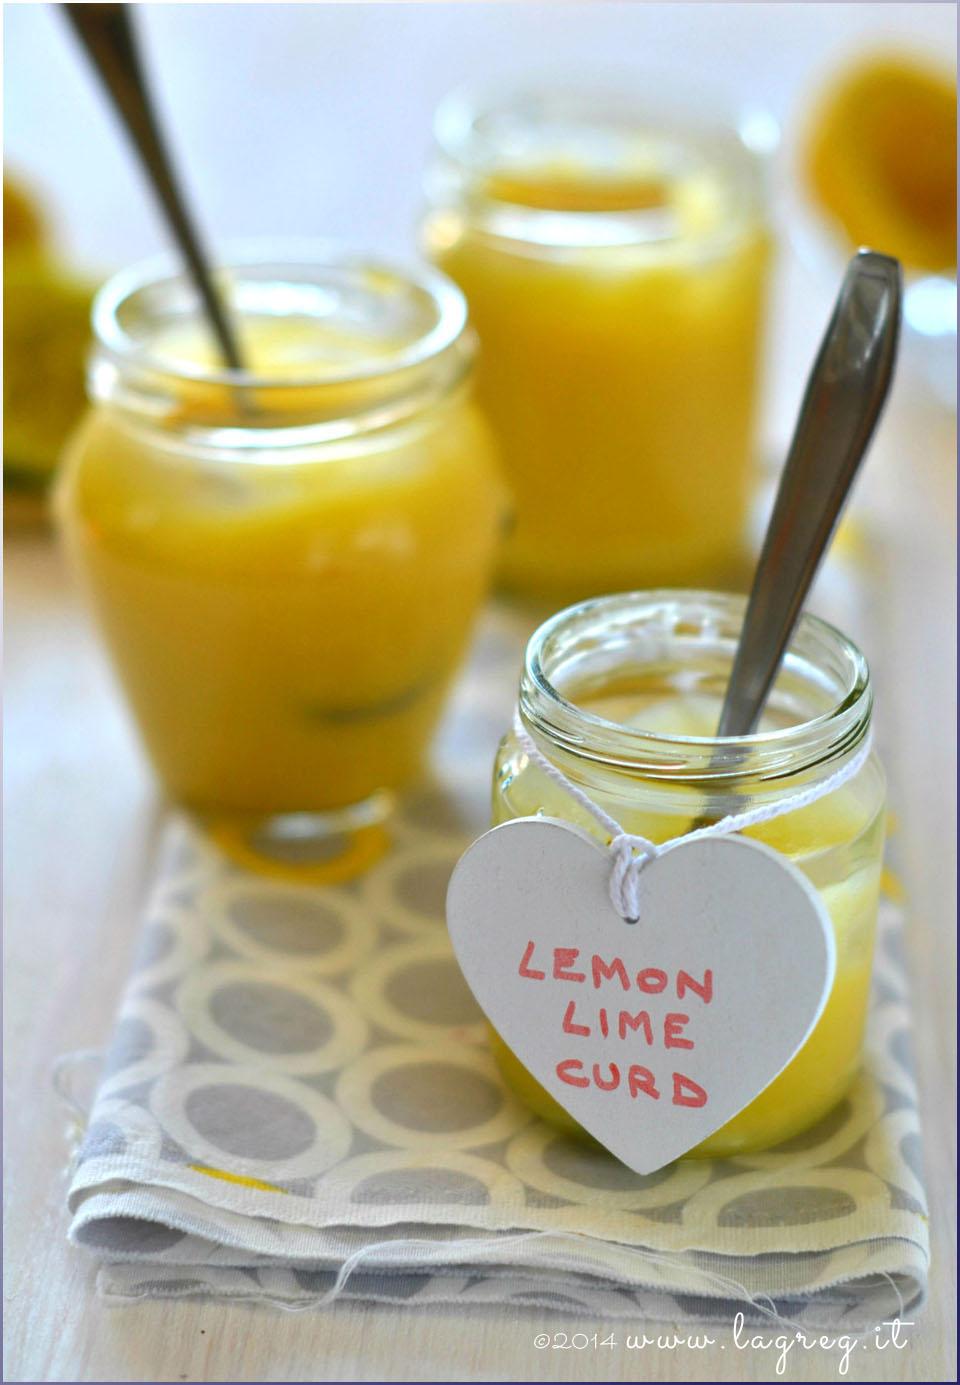 honey lemon lime curd